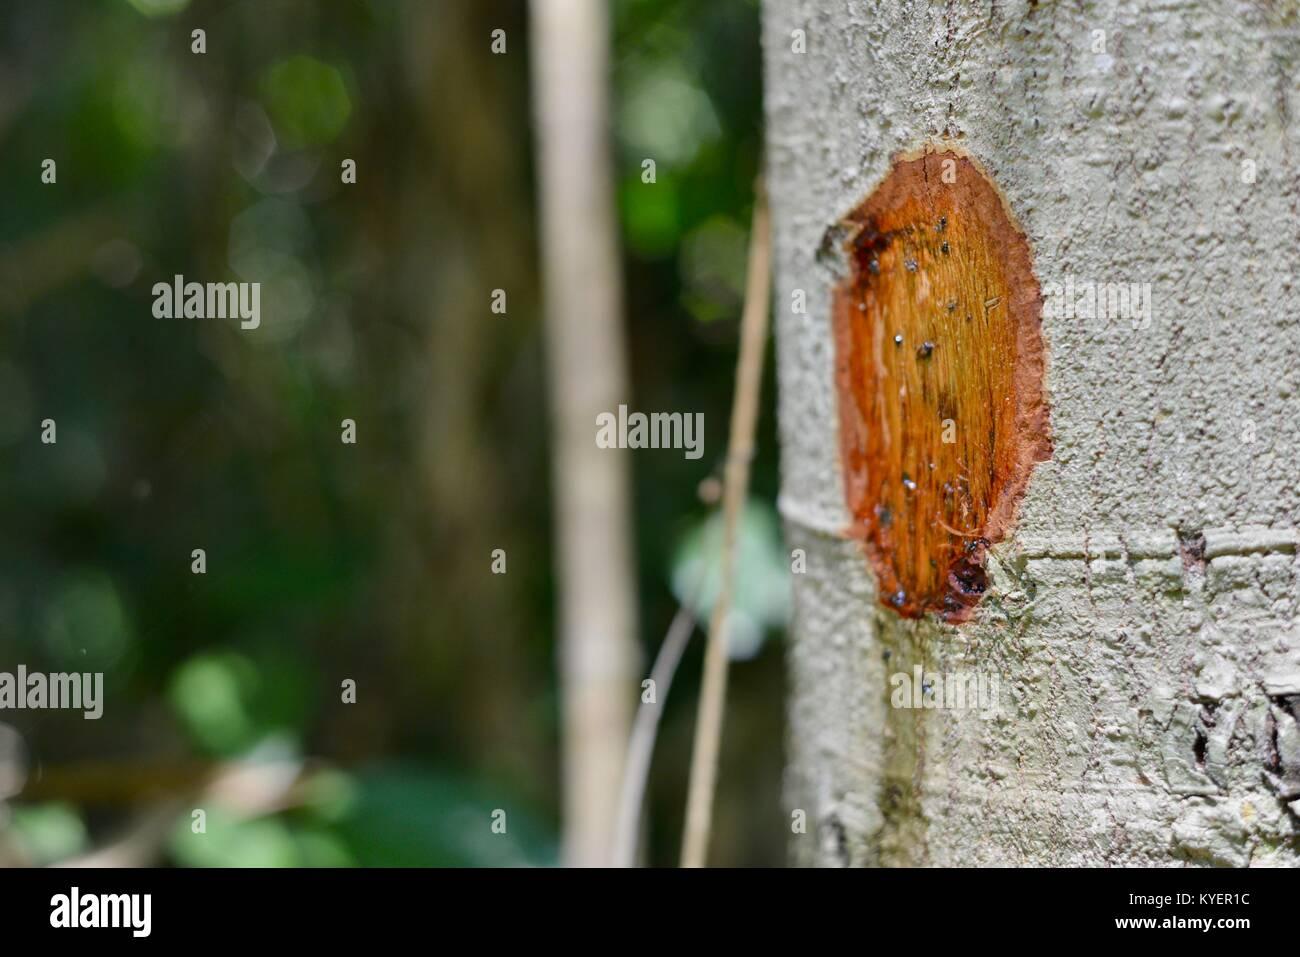 Derechos lesiones infligidas en árbol, de corteza afeitada, filtraciones de SAP, Finch Hatton Gorge, Queensland, Australia Foto de stock